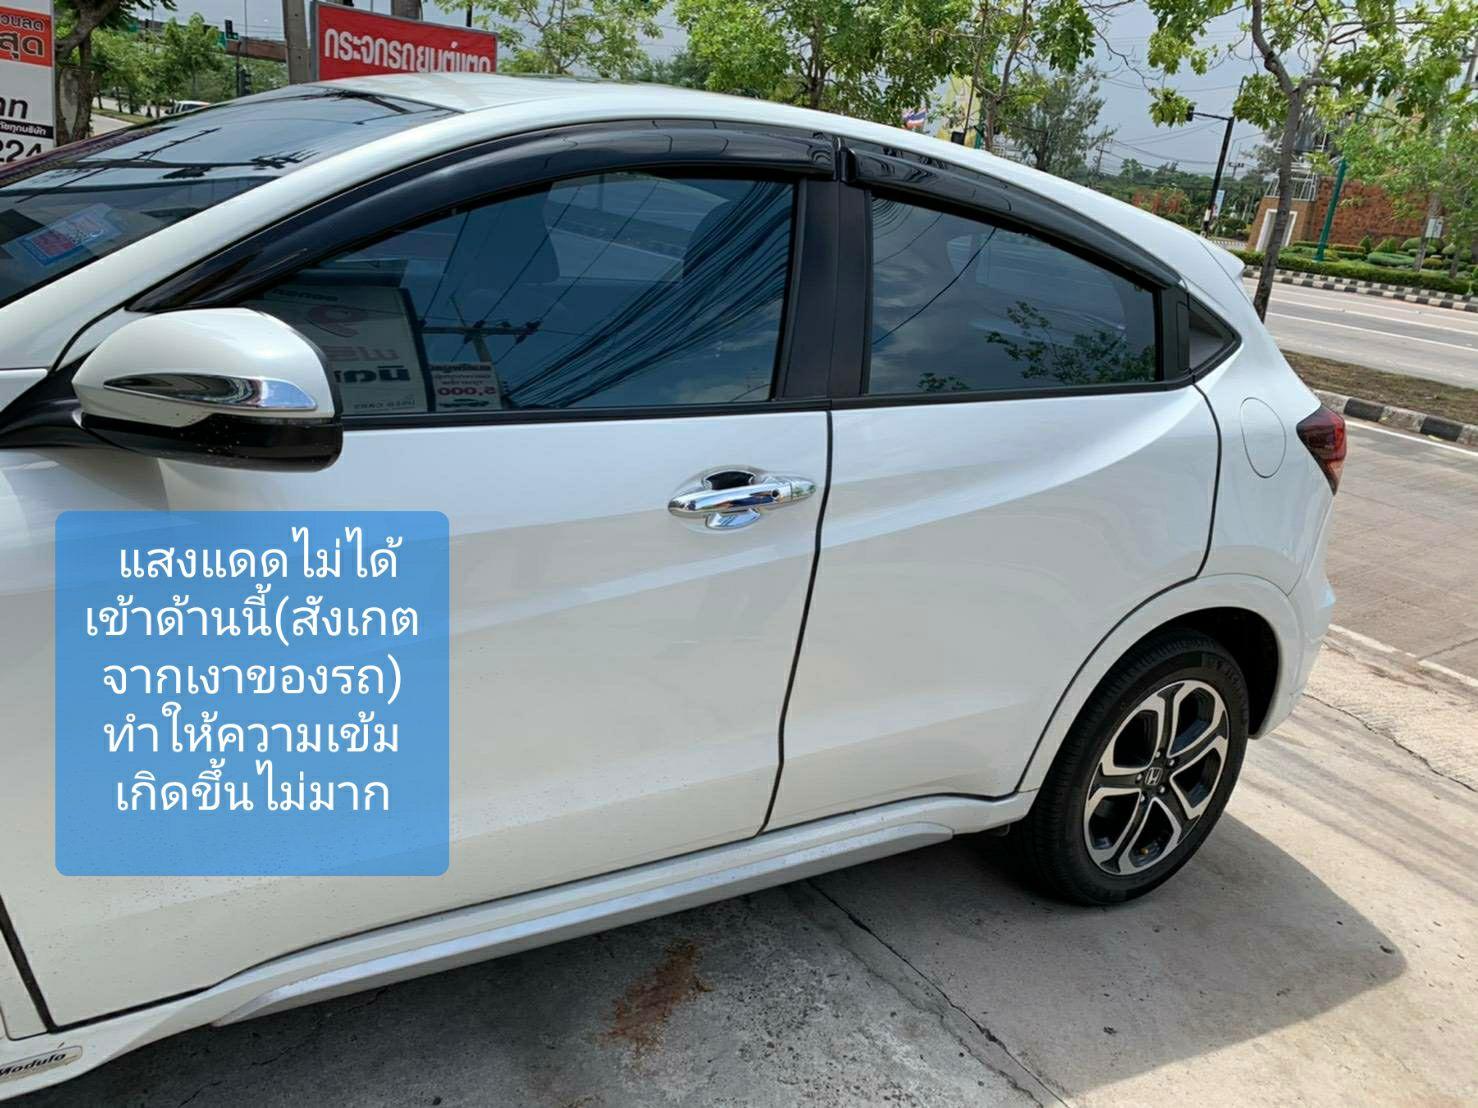 ขอขอบพระคุณ ลูกค้า Honda HRV ขอนแก่นที่ไว้วางใจฟิล์มคอนทราสต์